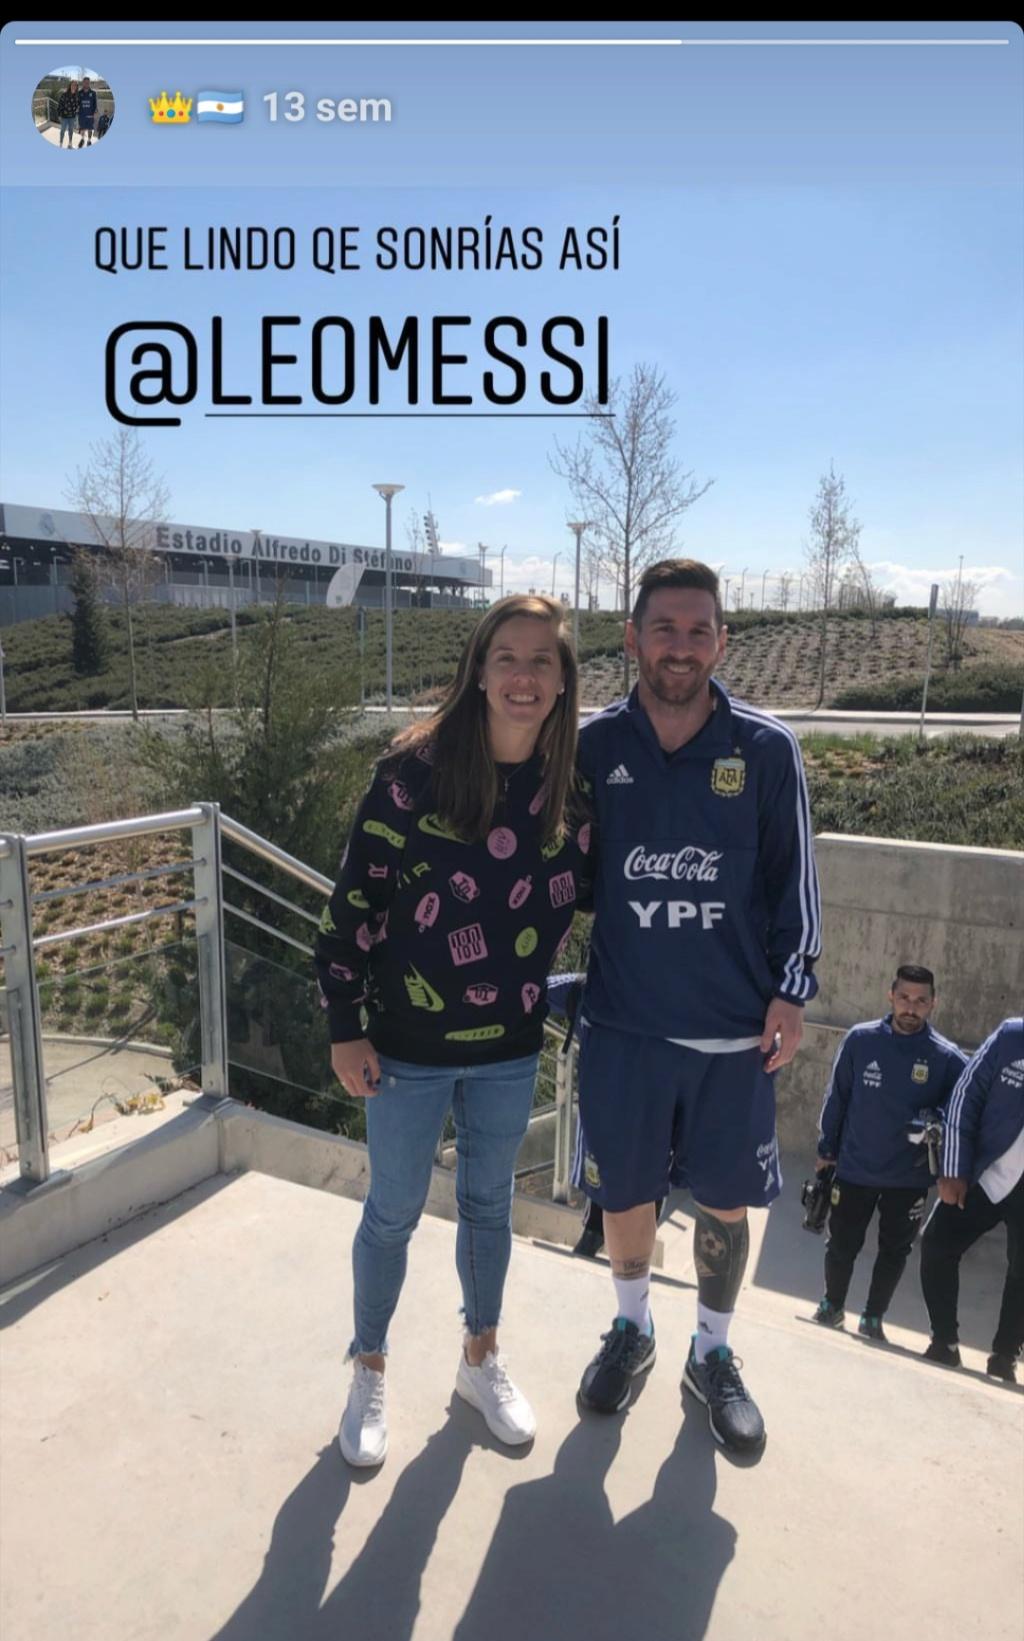 ¿Cuánto mide Lionel Messi? - Estatura y peso - Real height - Página 4 Img_2325